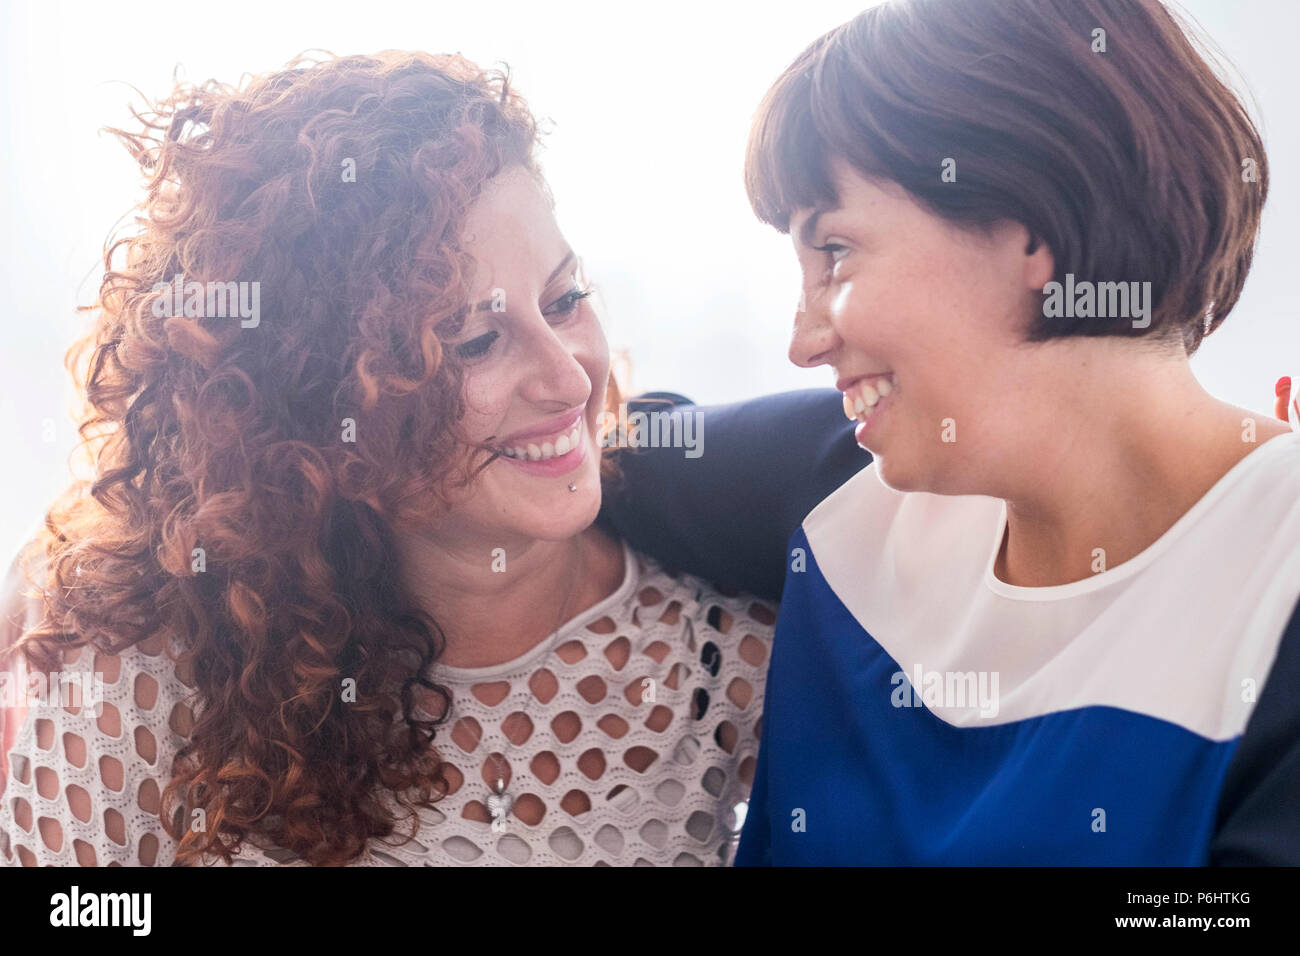 Coppia di amici di sesso femminile sorridente insieme ogni altra. Godetevi friendshiop e relazione. caucasian belle giovani donne con sfondo bianco Immagini Stock